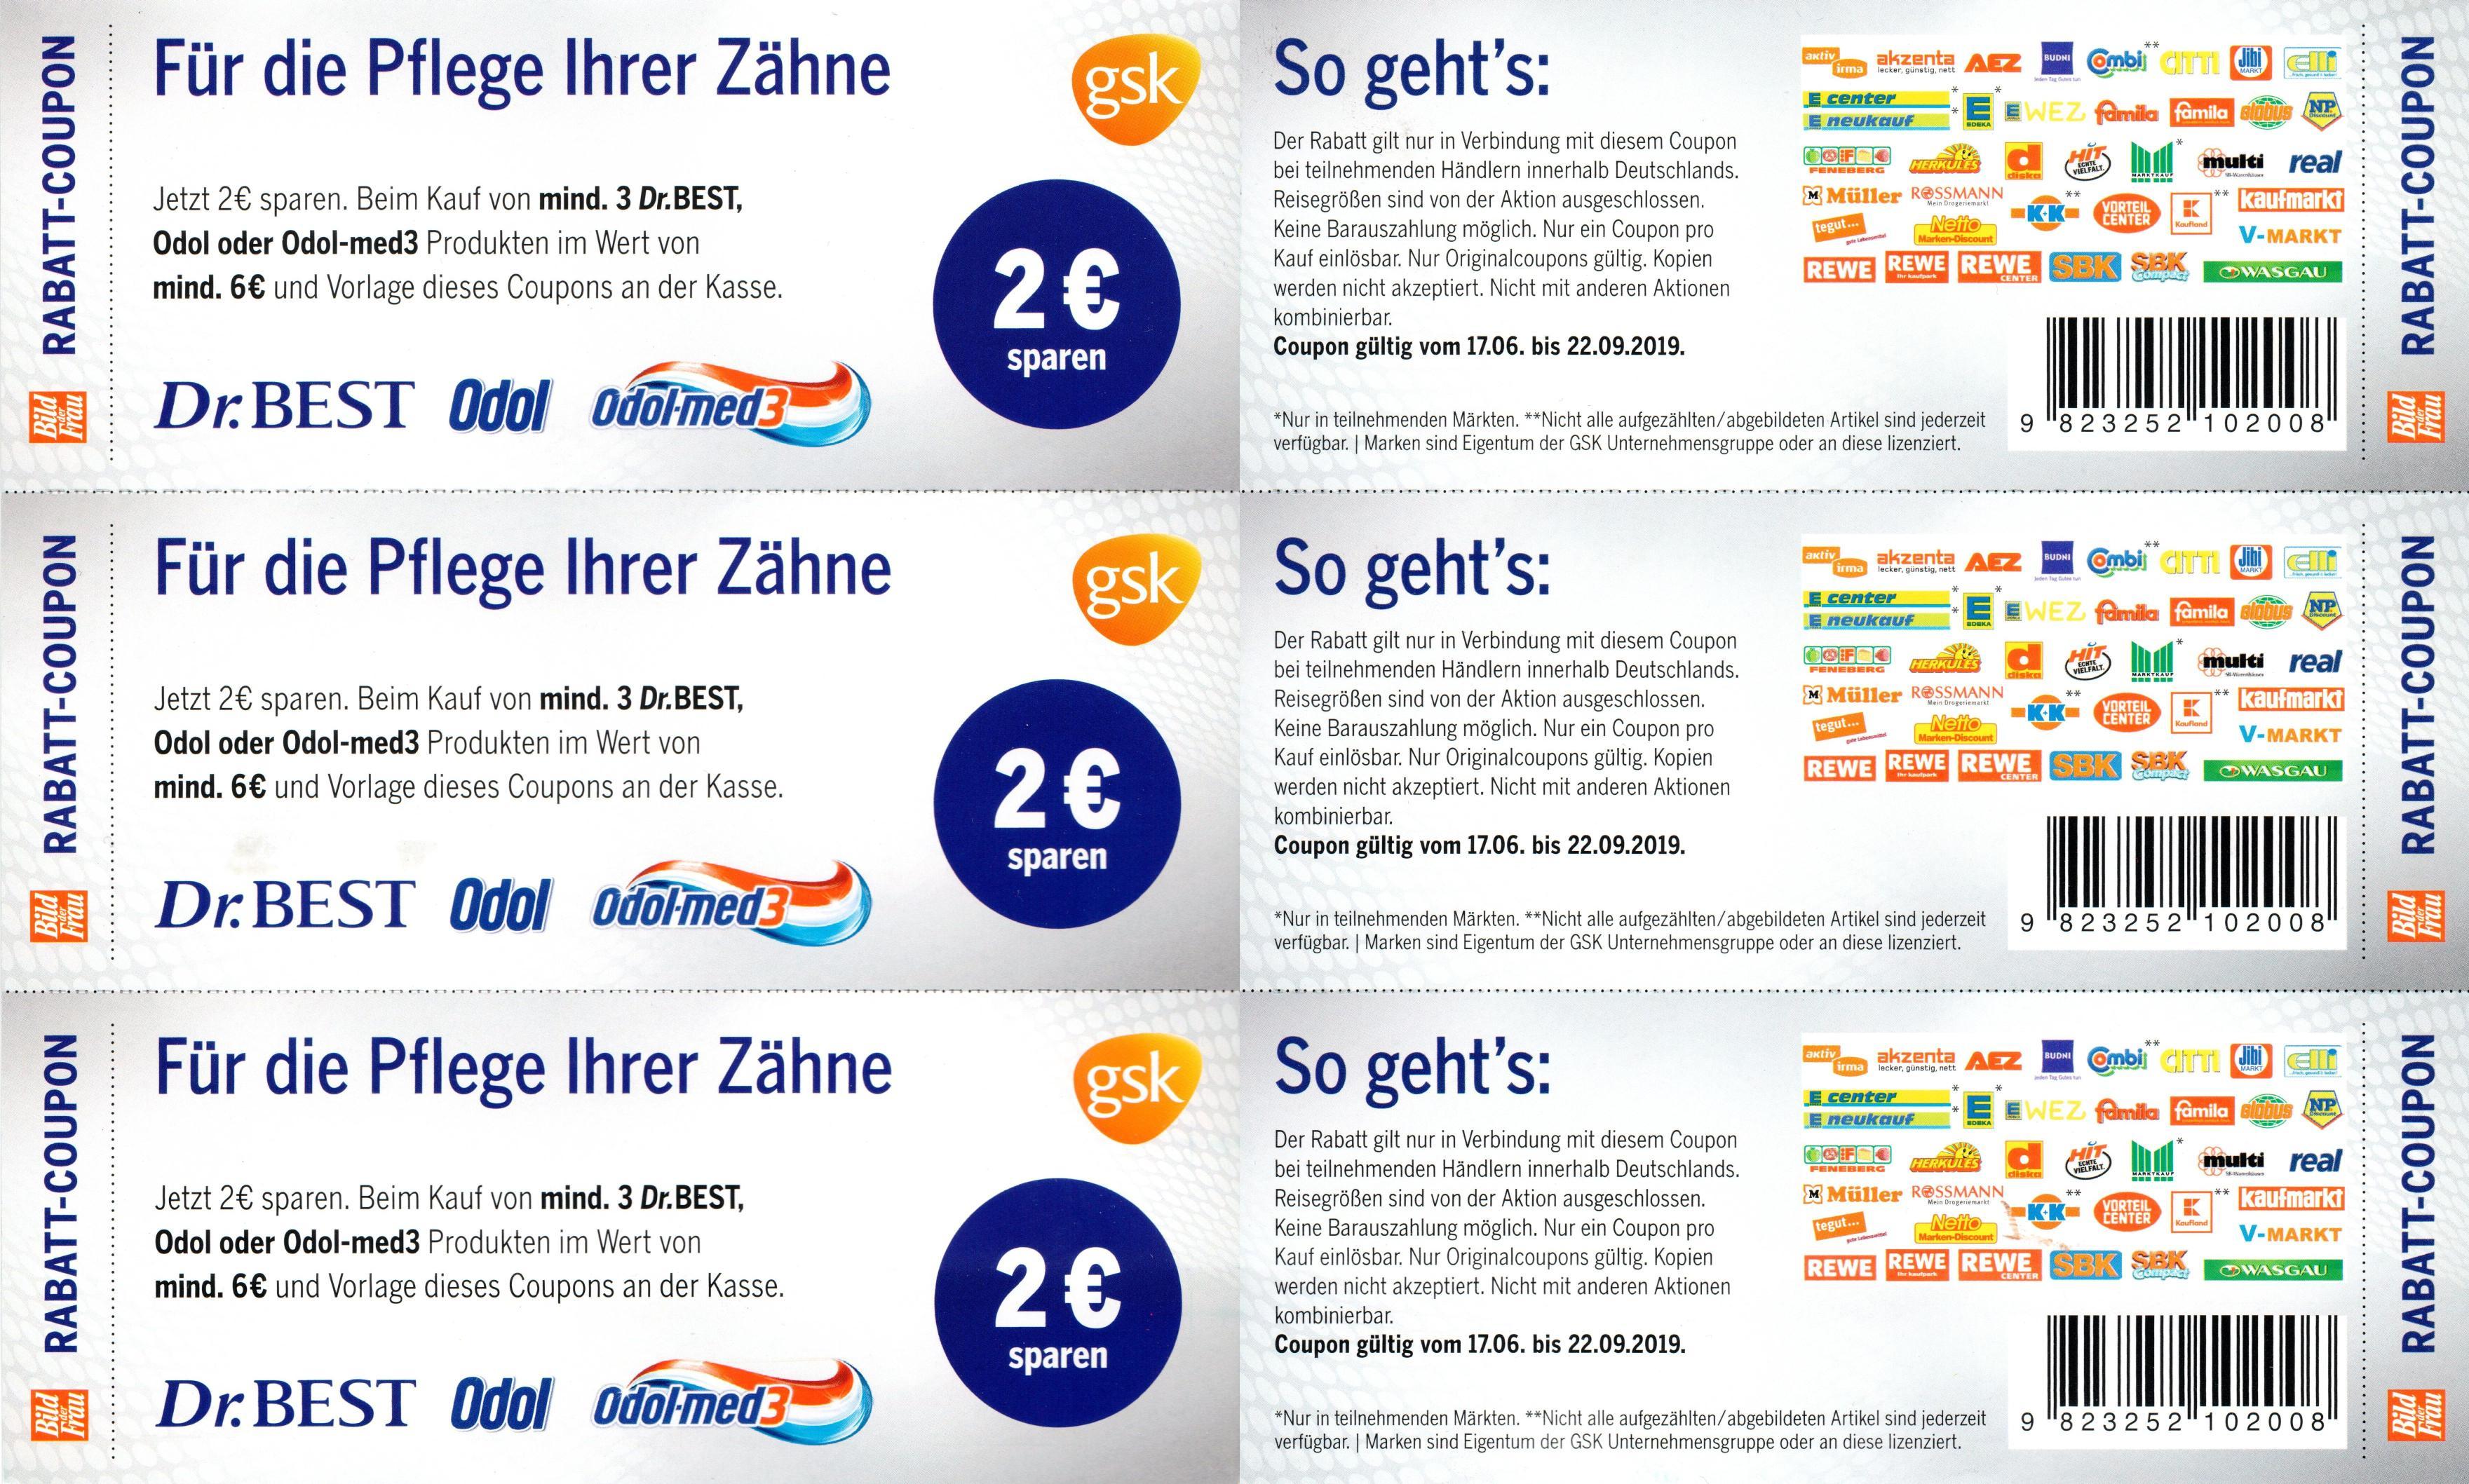 2€ Sofort-Rabatt Coupon für Dr.Best / Odol / Odol-med3 Produkte im Wert von 6€ bis 22.09.2019